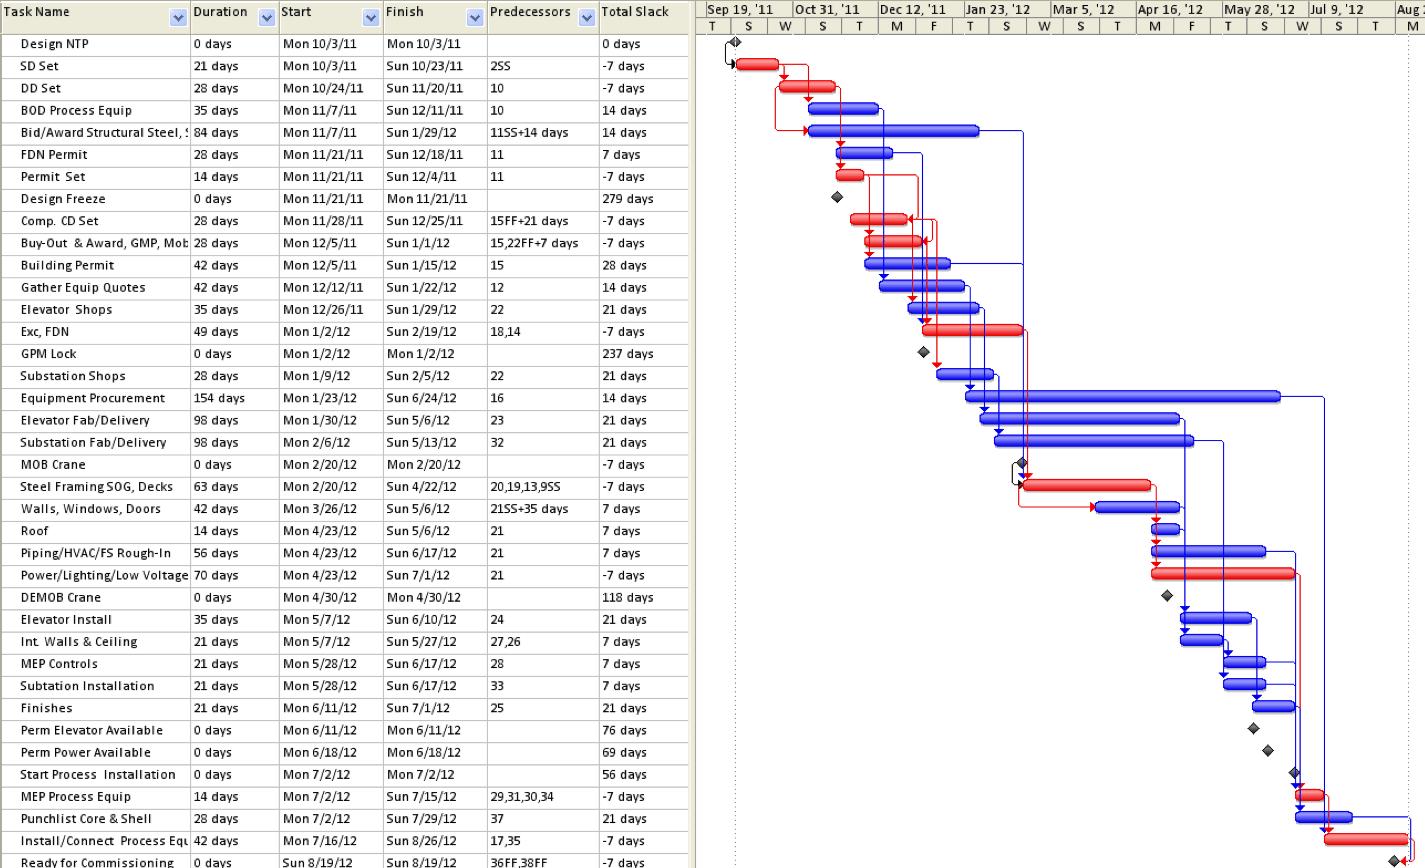 Primavera P6 Gantt Chart